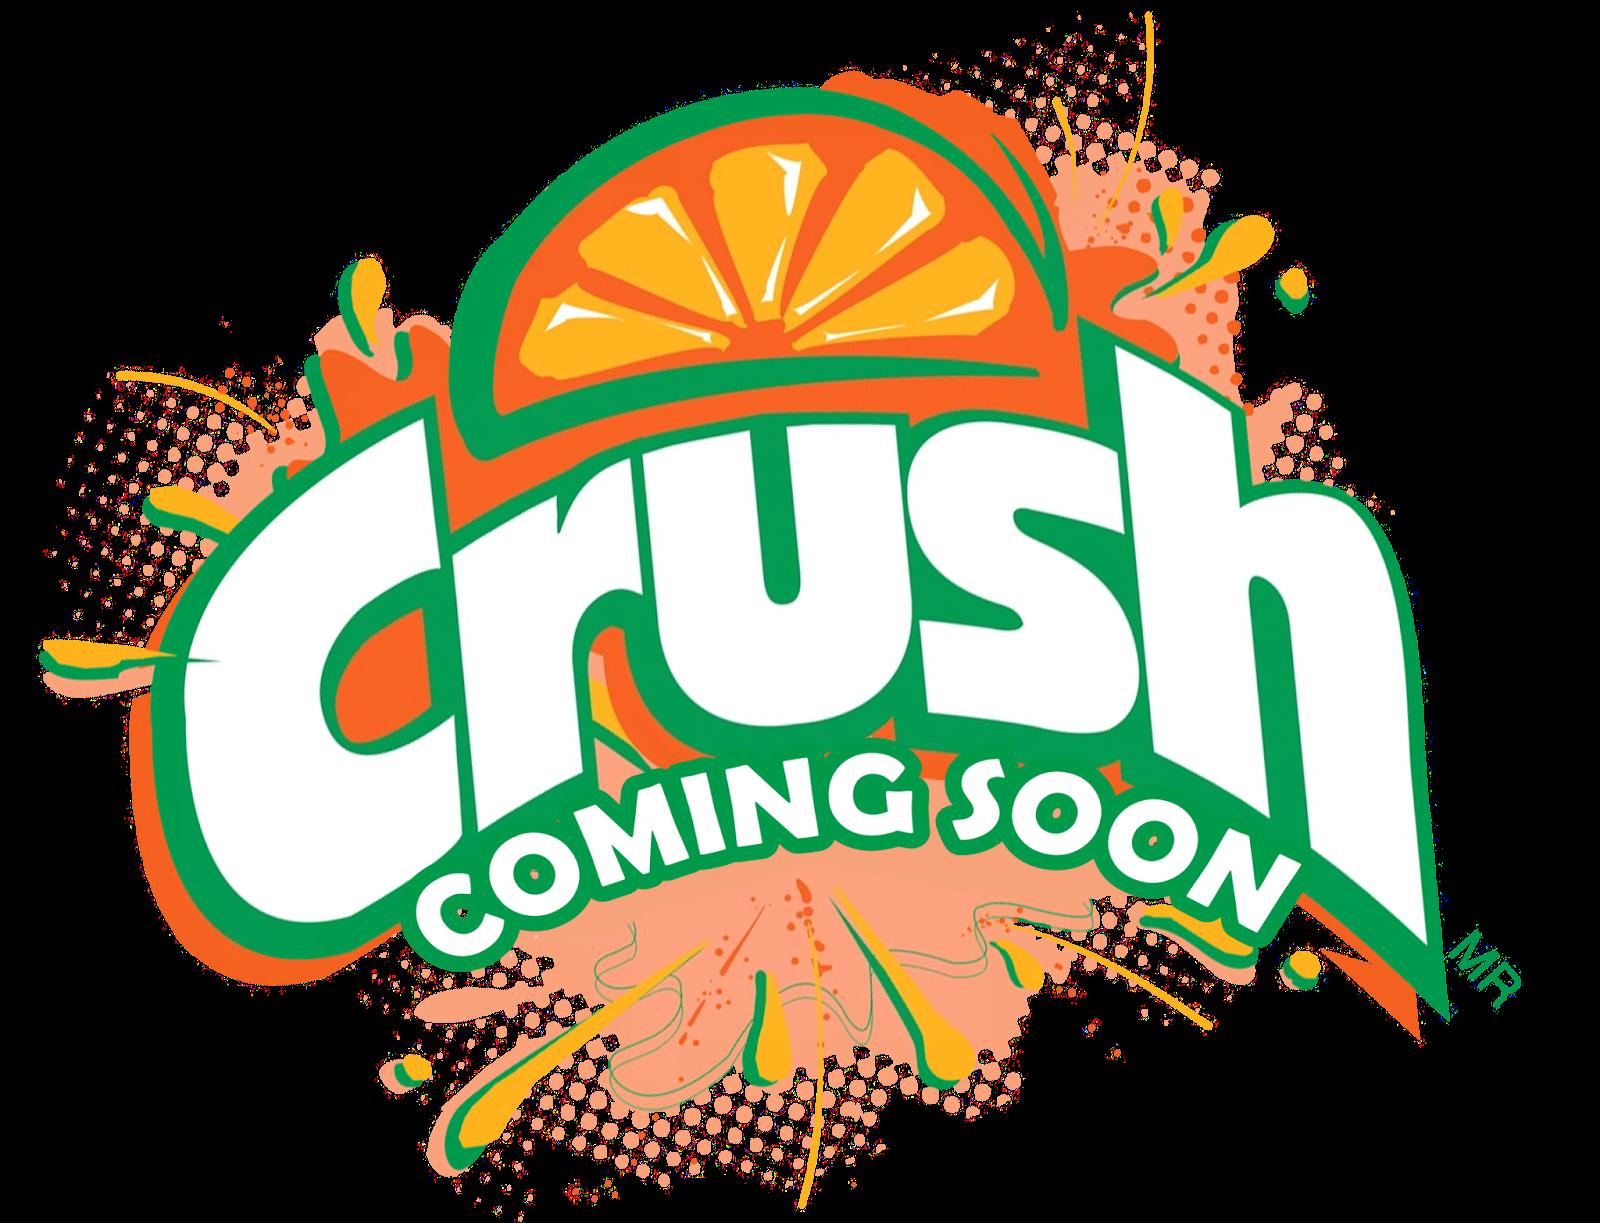 orange crush coming soon logo logos of interest pinterest rh pinterest com orange crush logopedia orange crush logo images